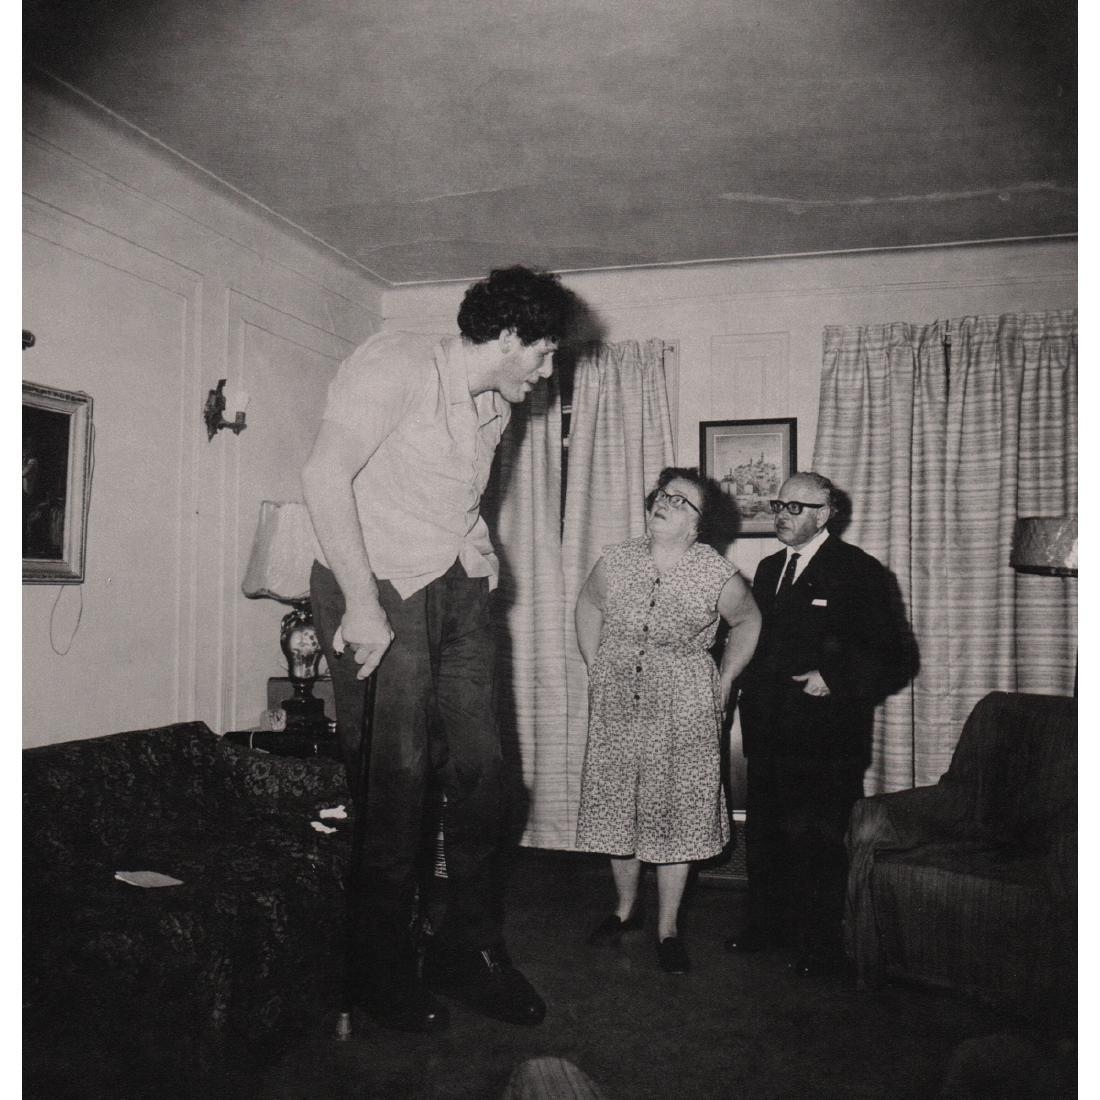 DIANE ARBUS - Jewish Giant with his Parents